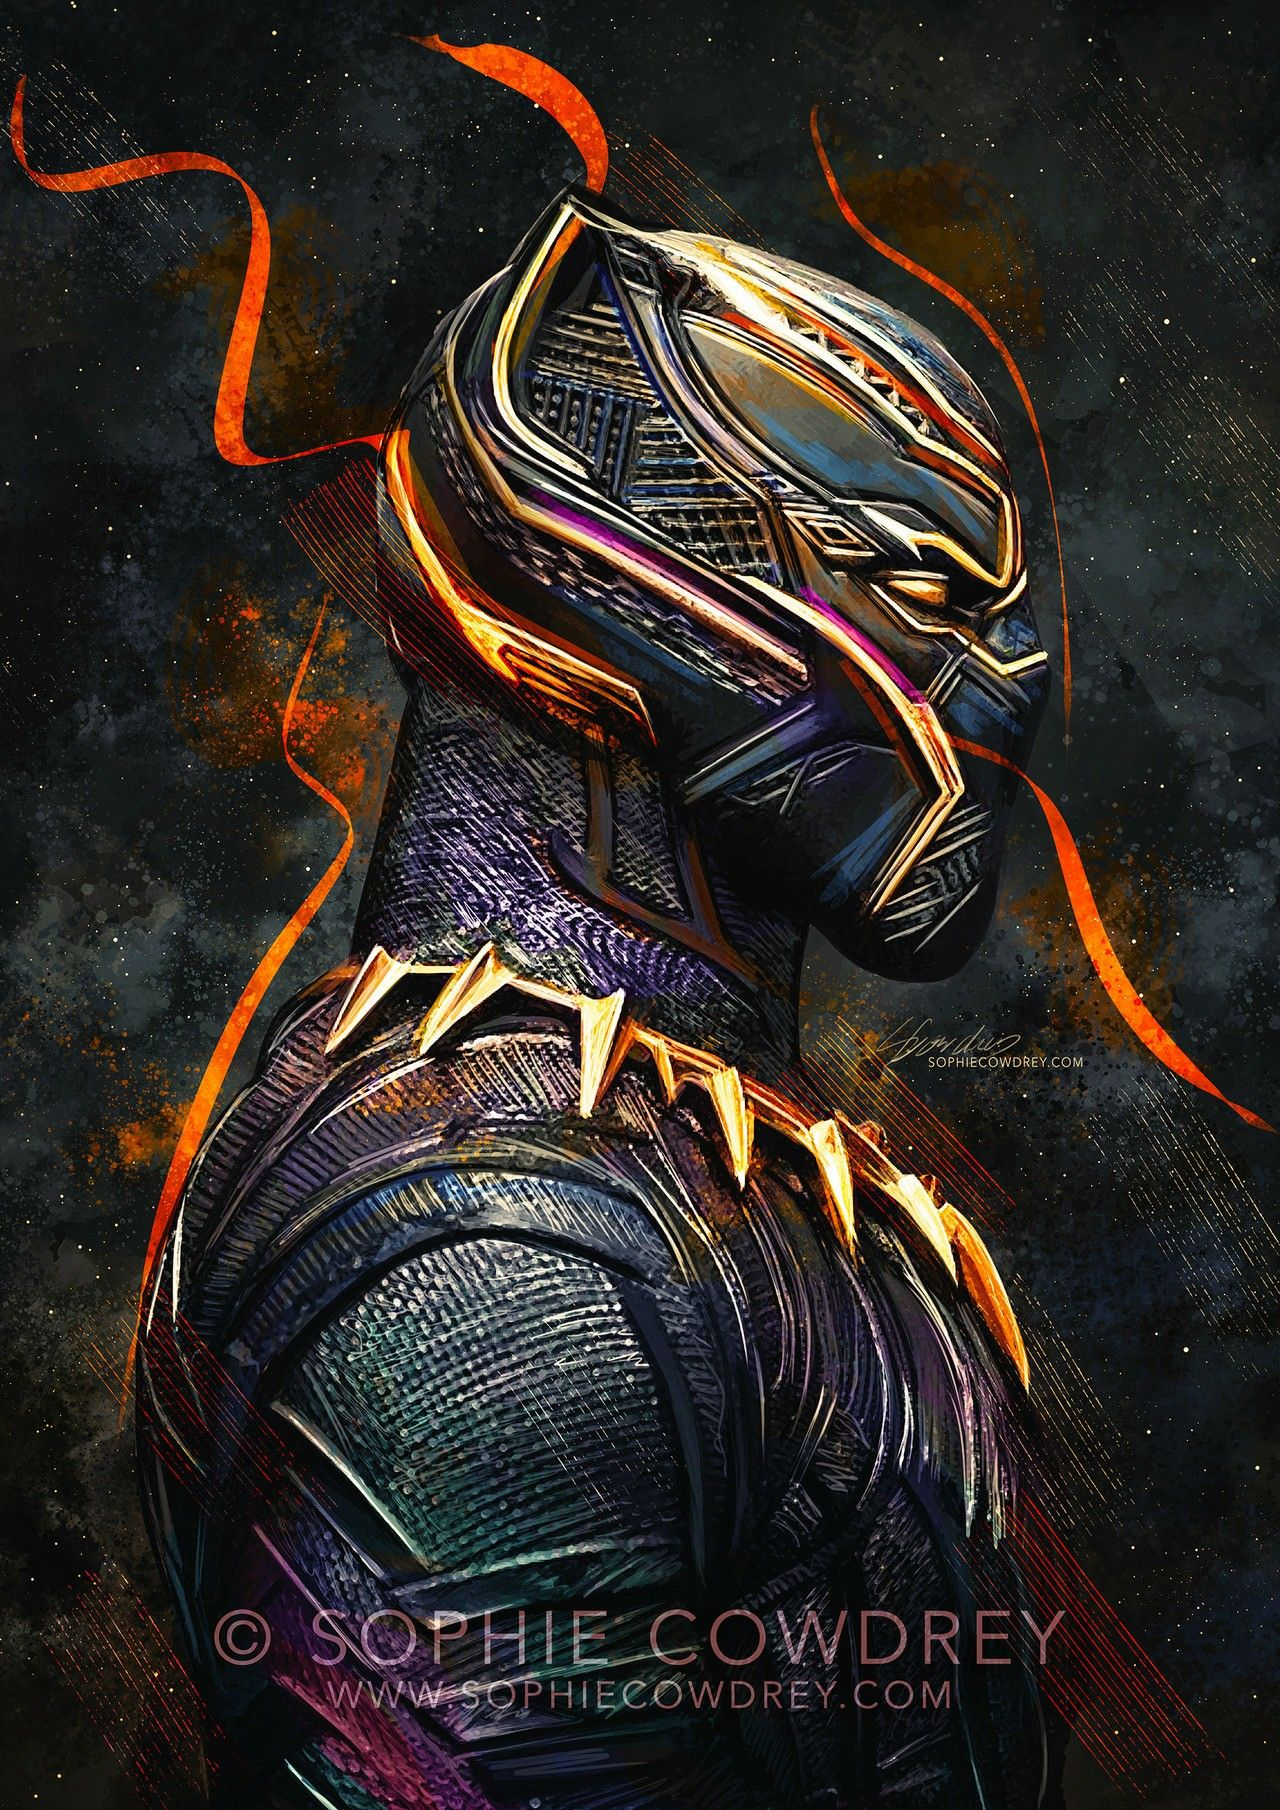 Erik Killmonger As The New Black Panther By Gumballfan333 On Deviantart